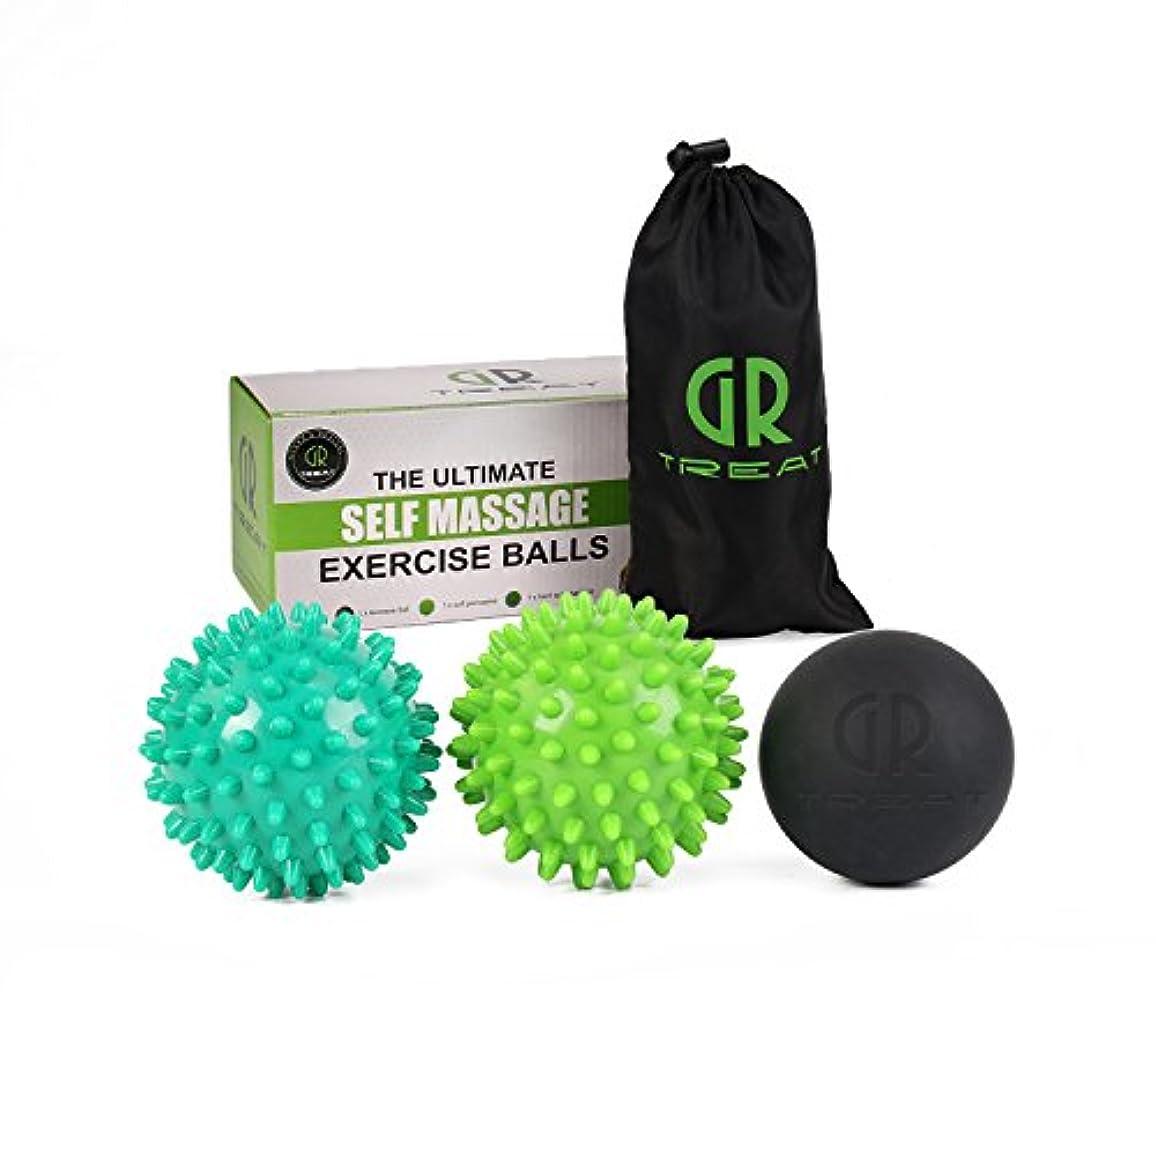 居間圧縮する枯れるGR マッサージボール ピーナッツ トリガーポイント マッサージボール 筋膜リリース ディープティッシュマッサージツール筋リリース、筋リラクサー、ツボマッサージ